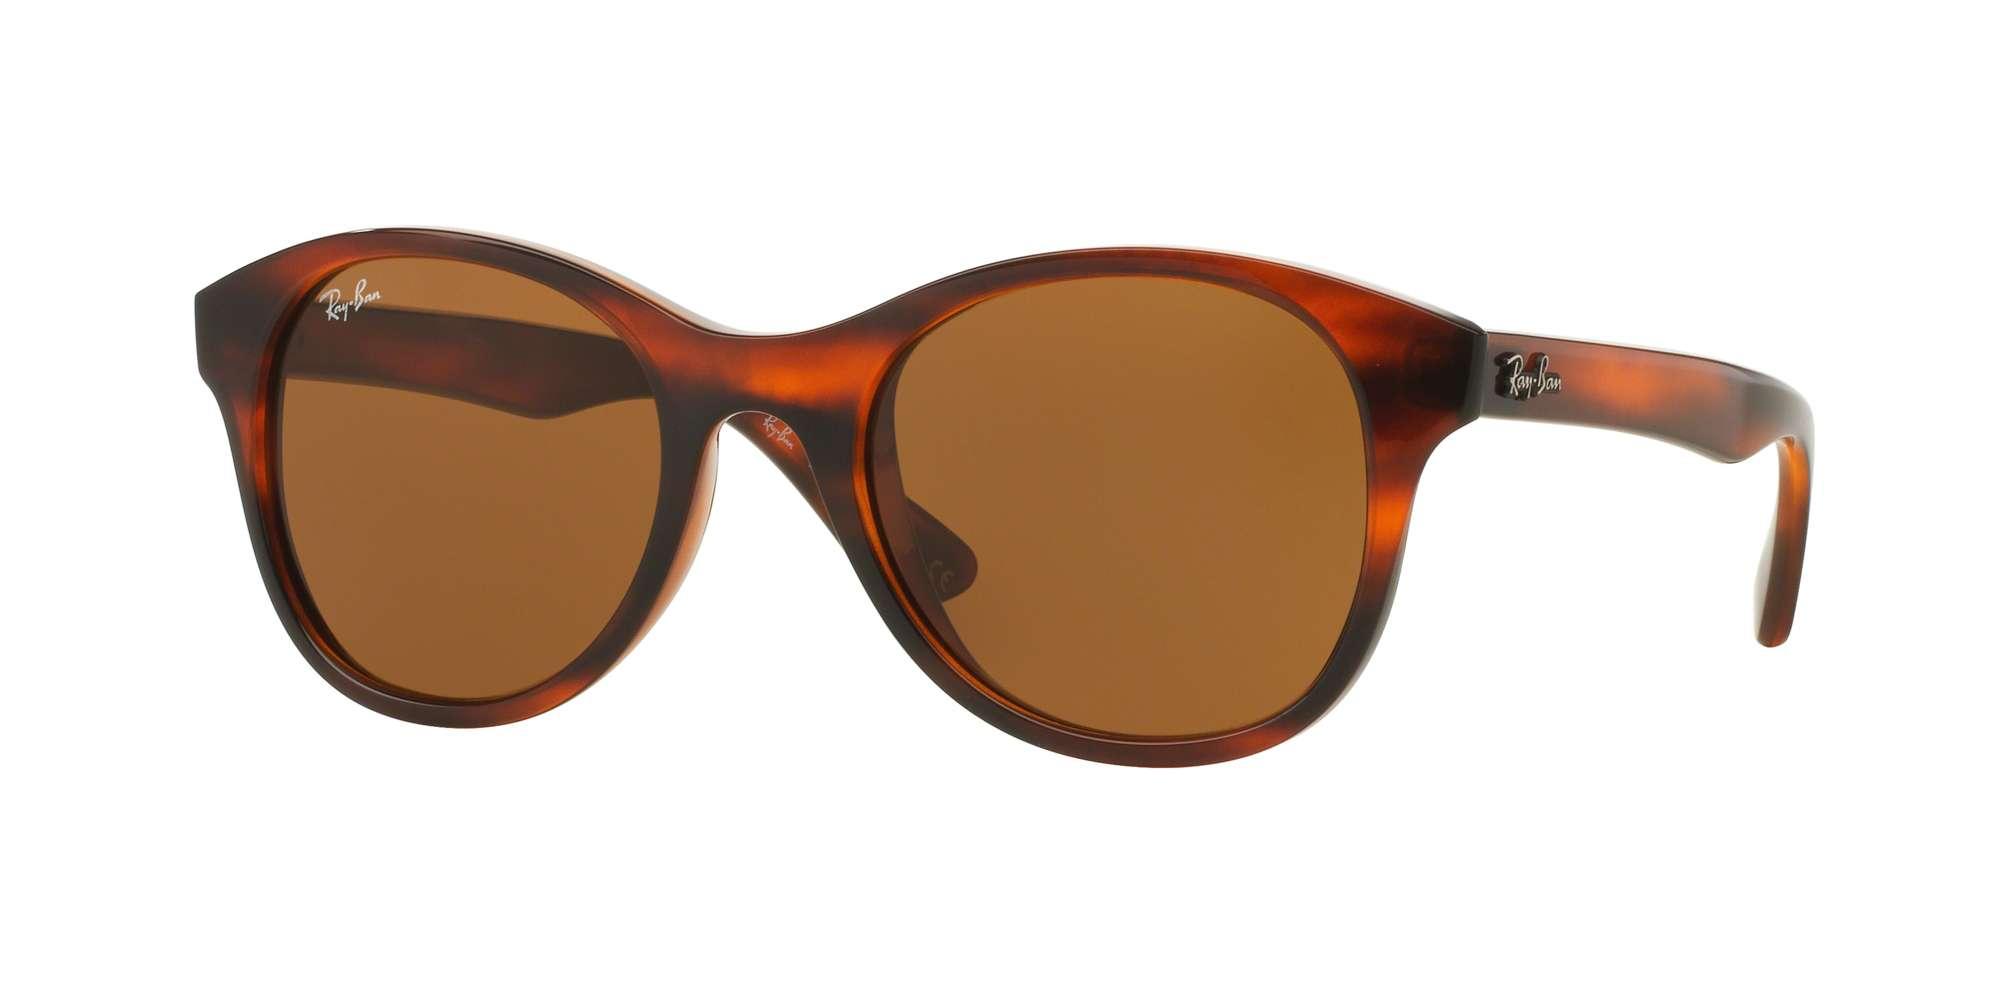 Shiny Striped Havana / Dark Brown lenses